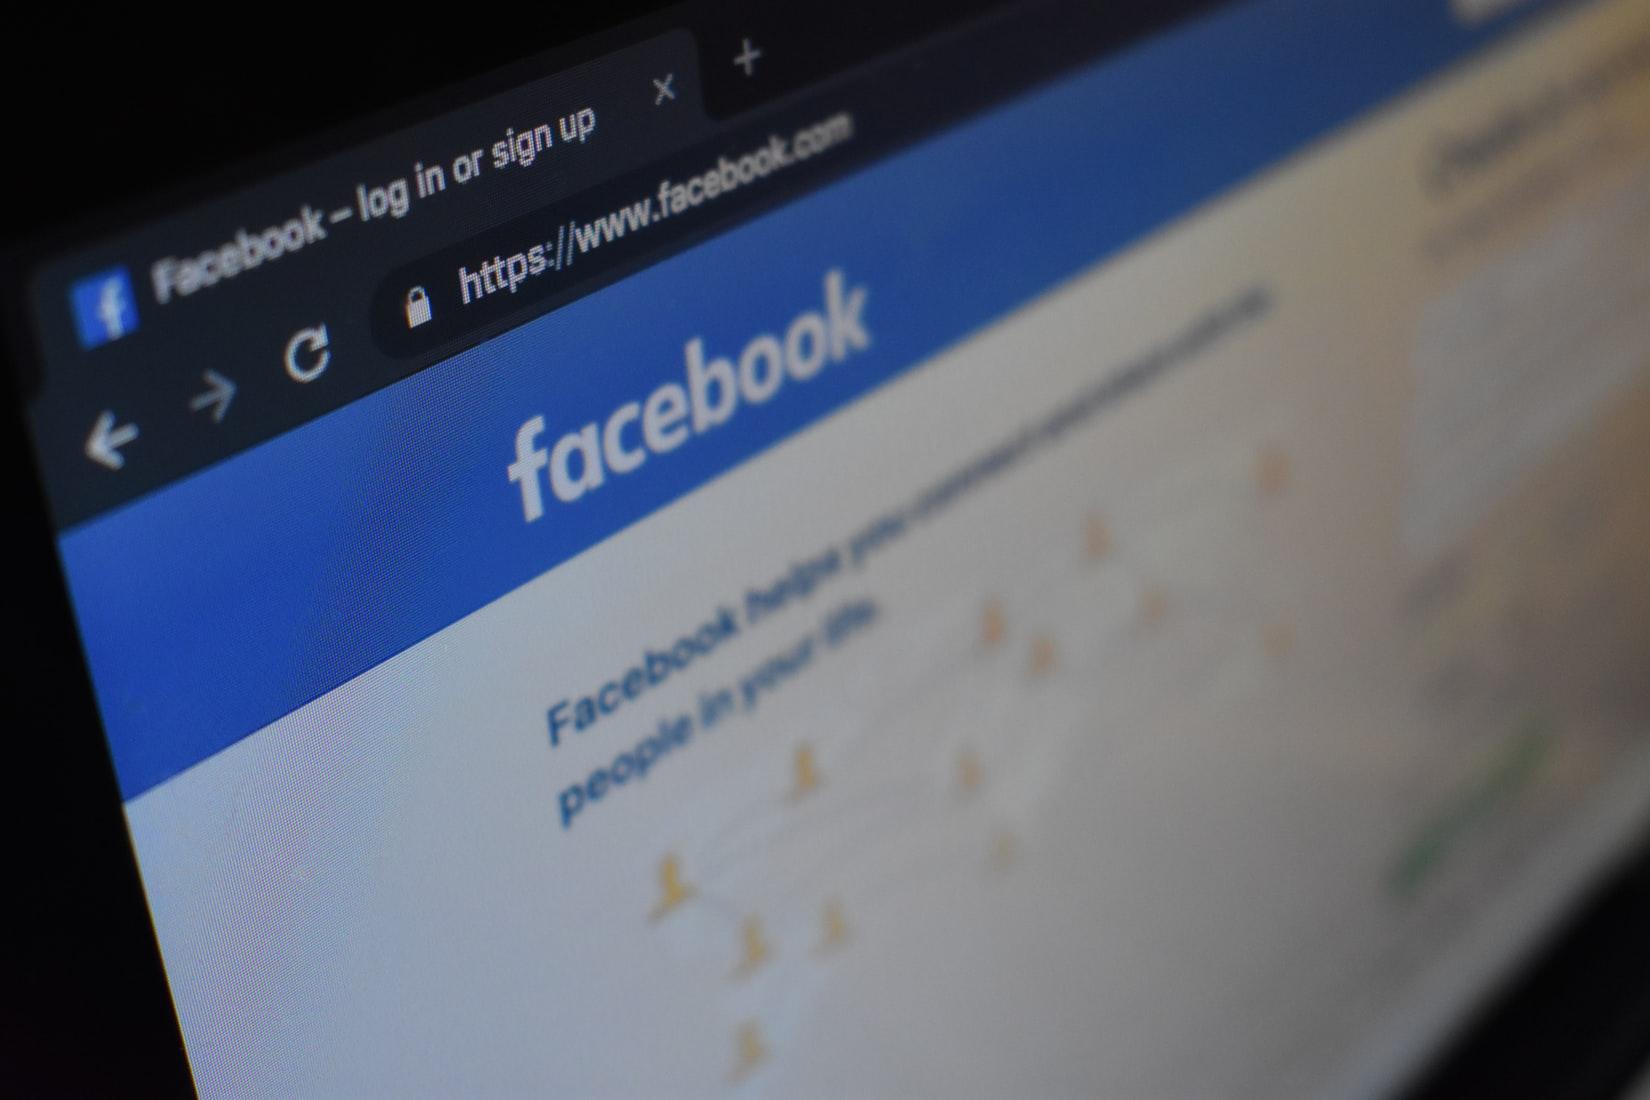 Važnost privatnosti na Internetu i kako je sačuvati